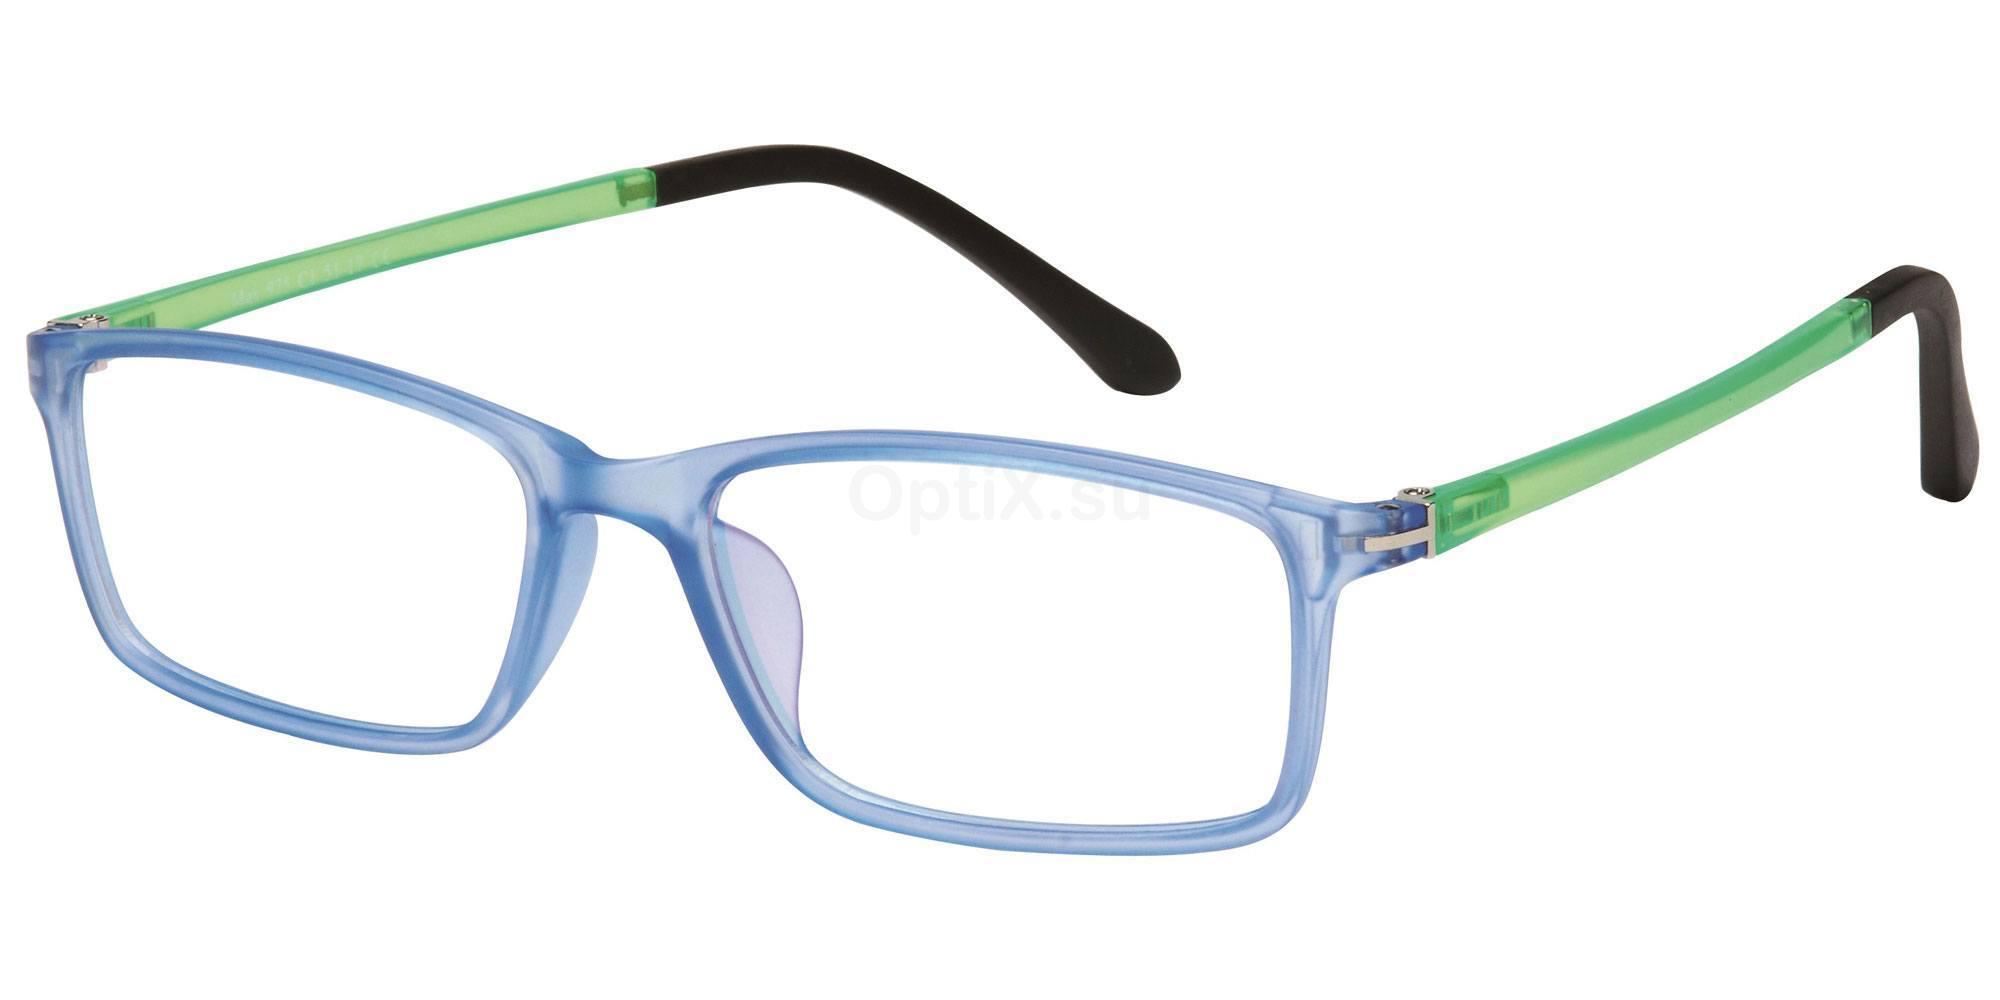 C1 M975 , Max Eyewear